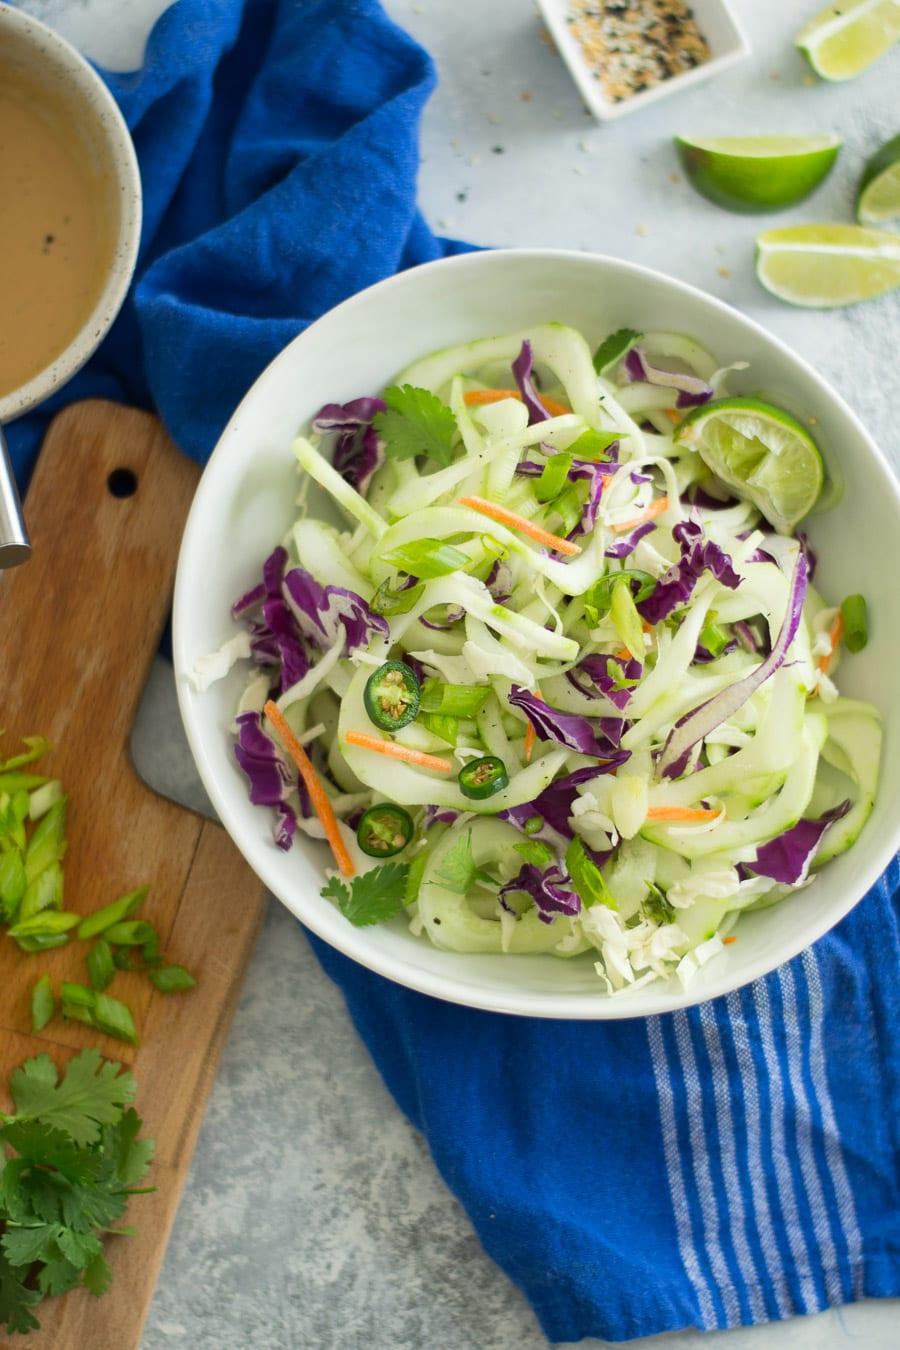 Cold Thai Cucumber Noodle Salad and Vinaigrette | Sarcastic Cooking